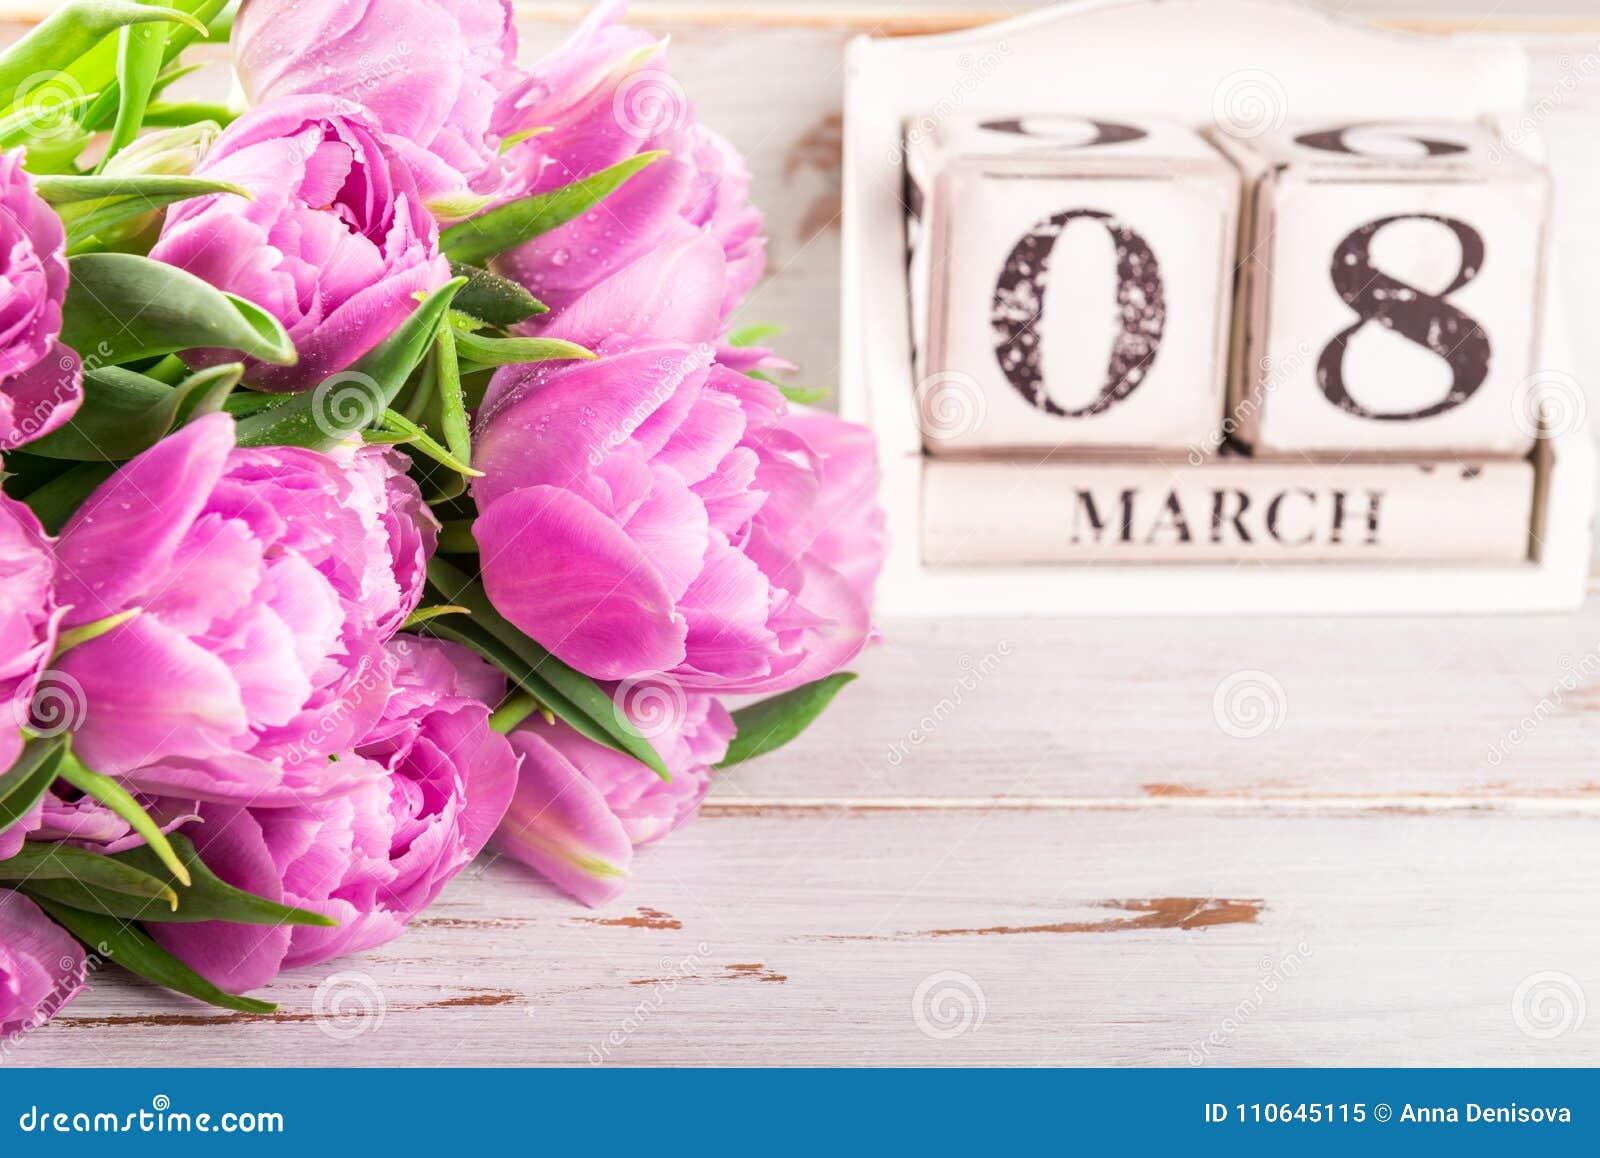 Ξύλινος φραγμός με την ημερομηνία ημέρας των διεθνών γυναικών, στις 8 Μαρτίου